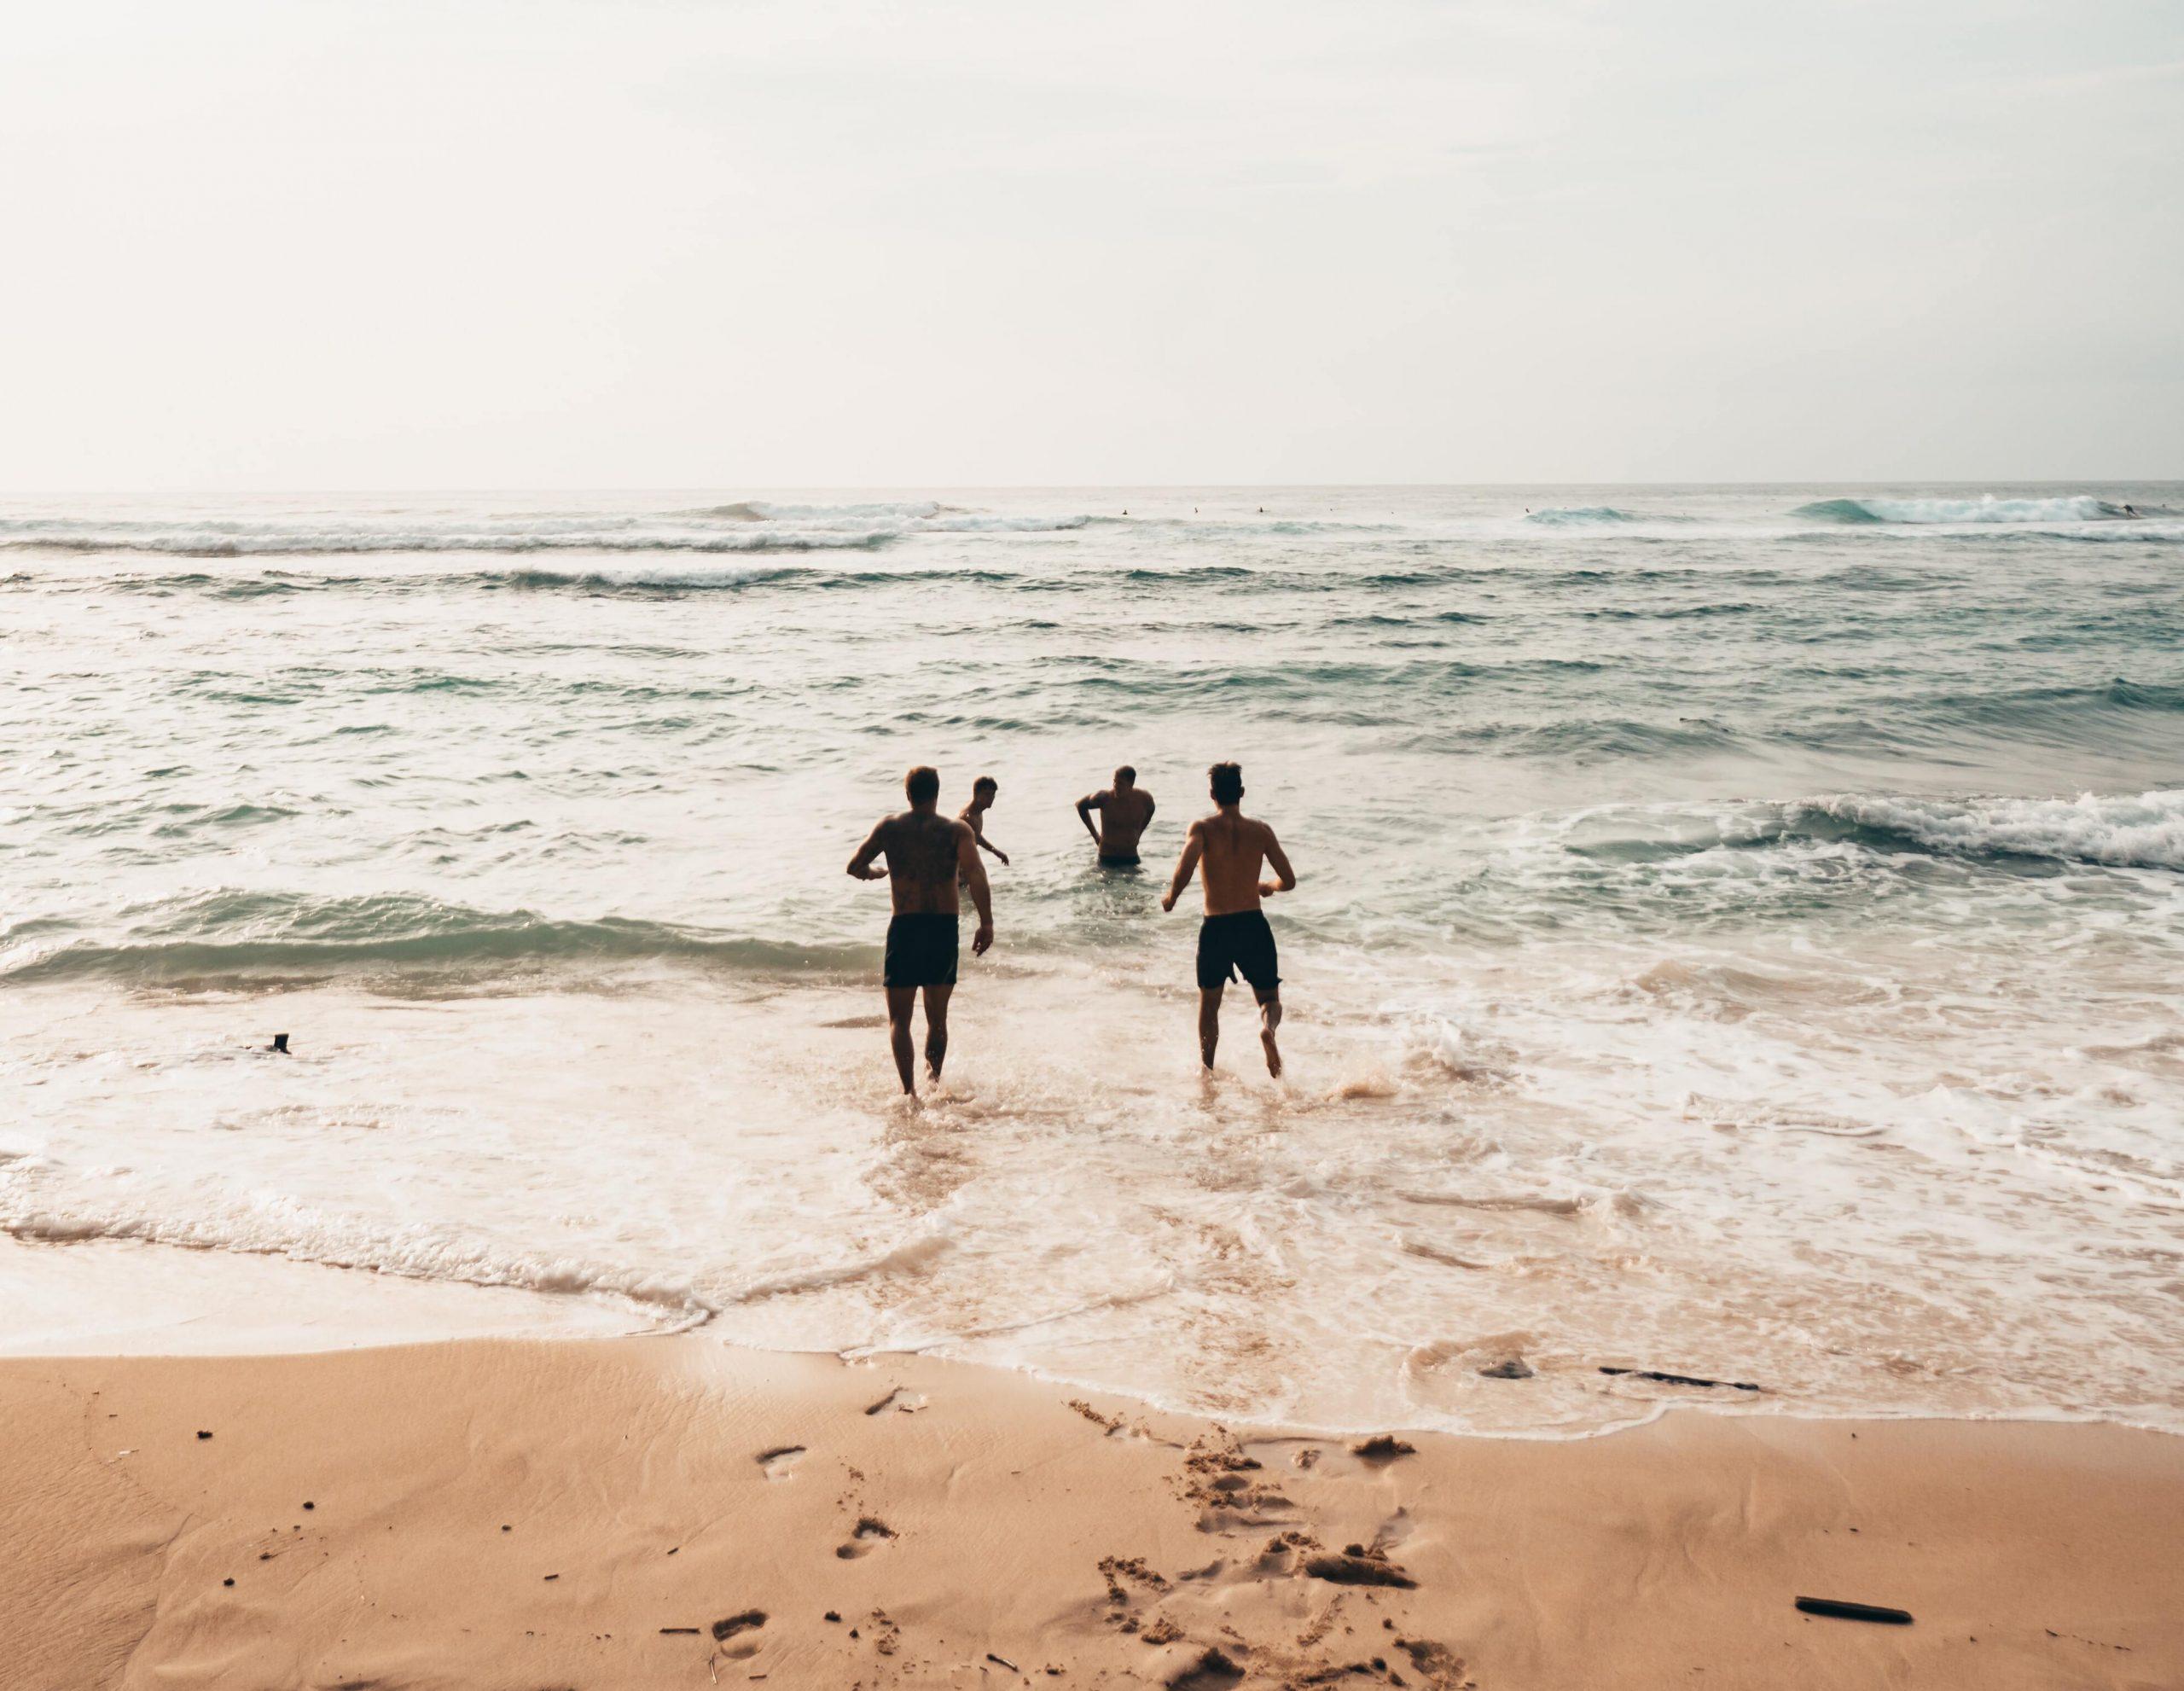 playa amigos camping norte españa alsa viajar bus